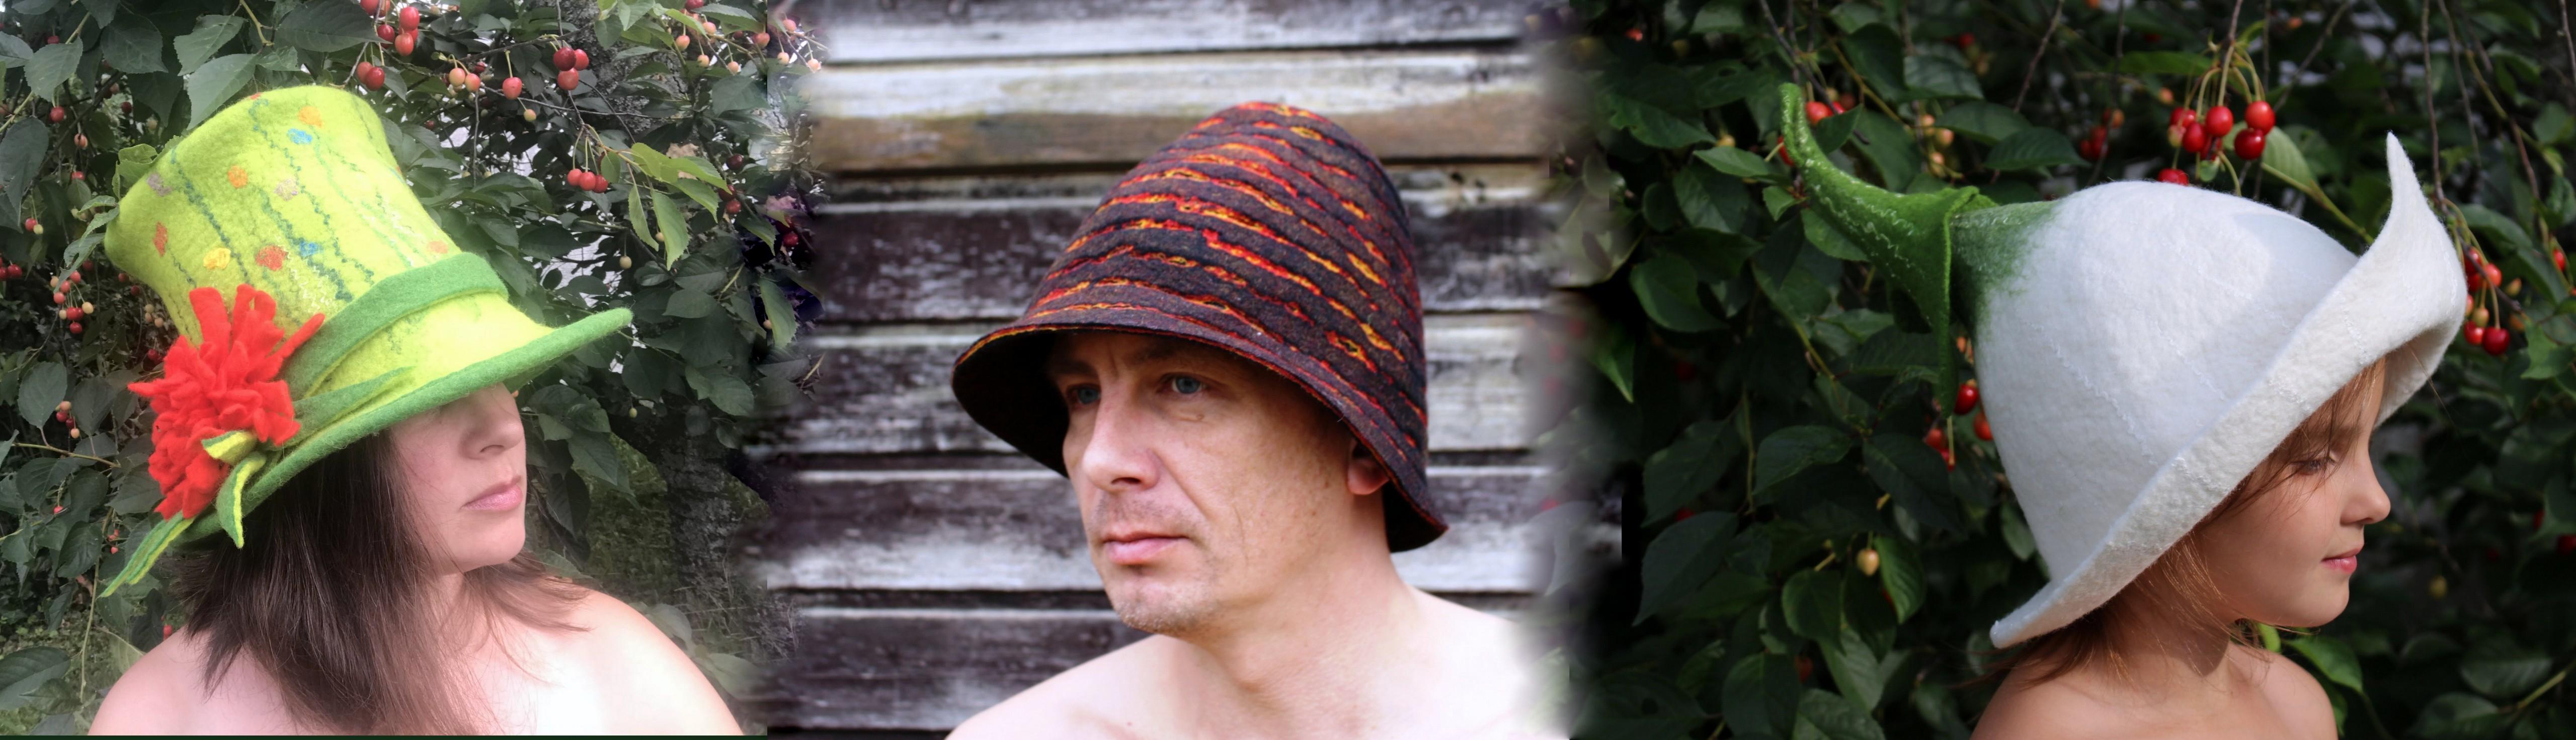 Sauna hats